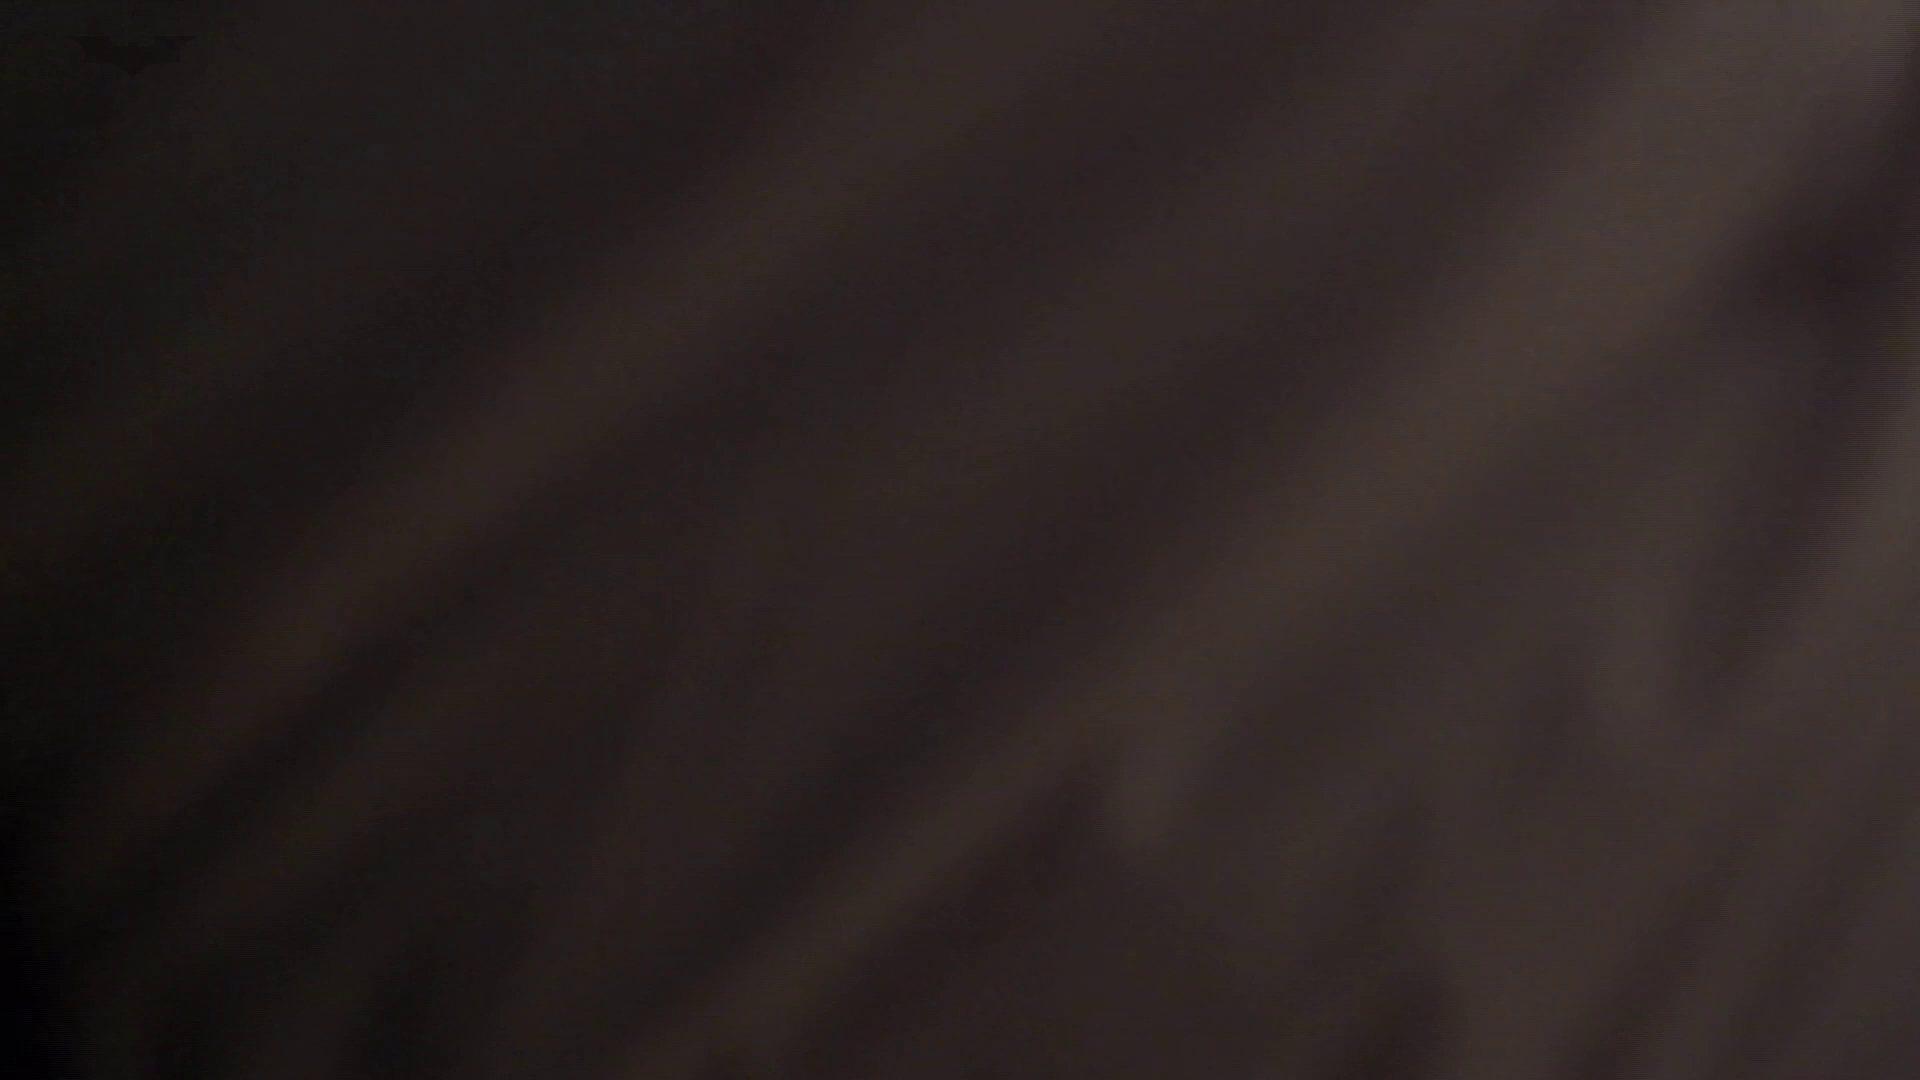 ヒトニアラヅNo.02 姿と全体の流れを公開 オマンコ無修正  47Pix 3